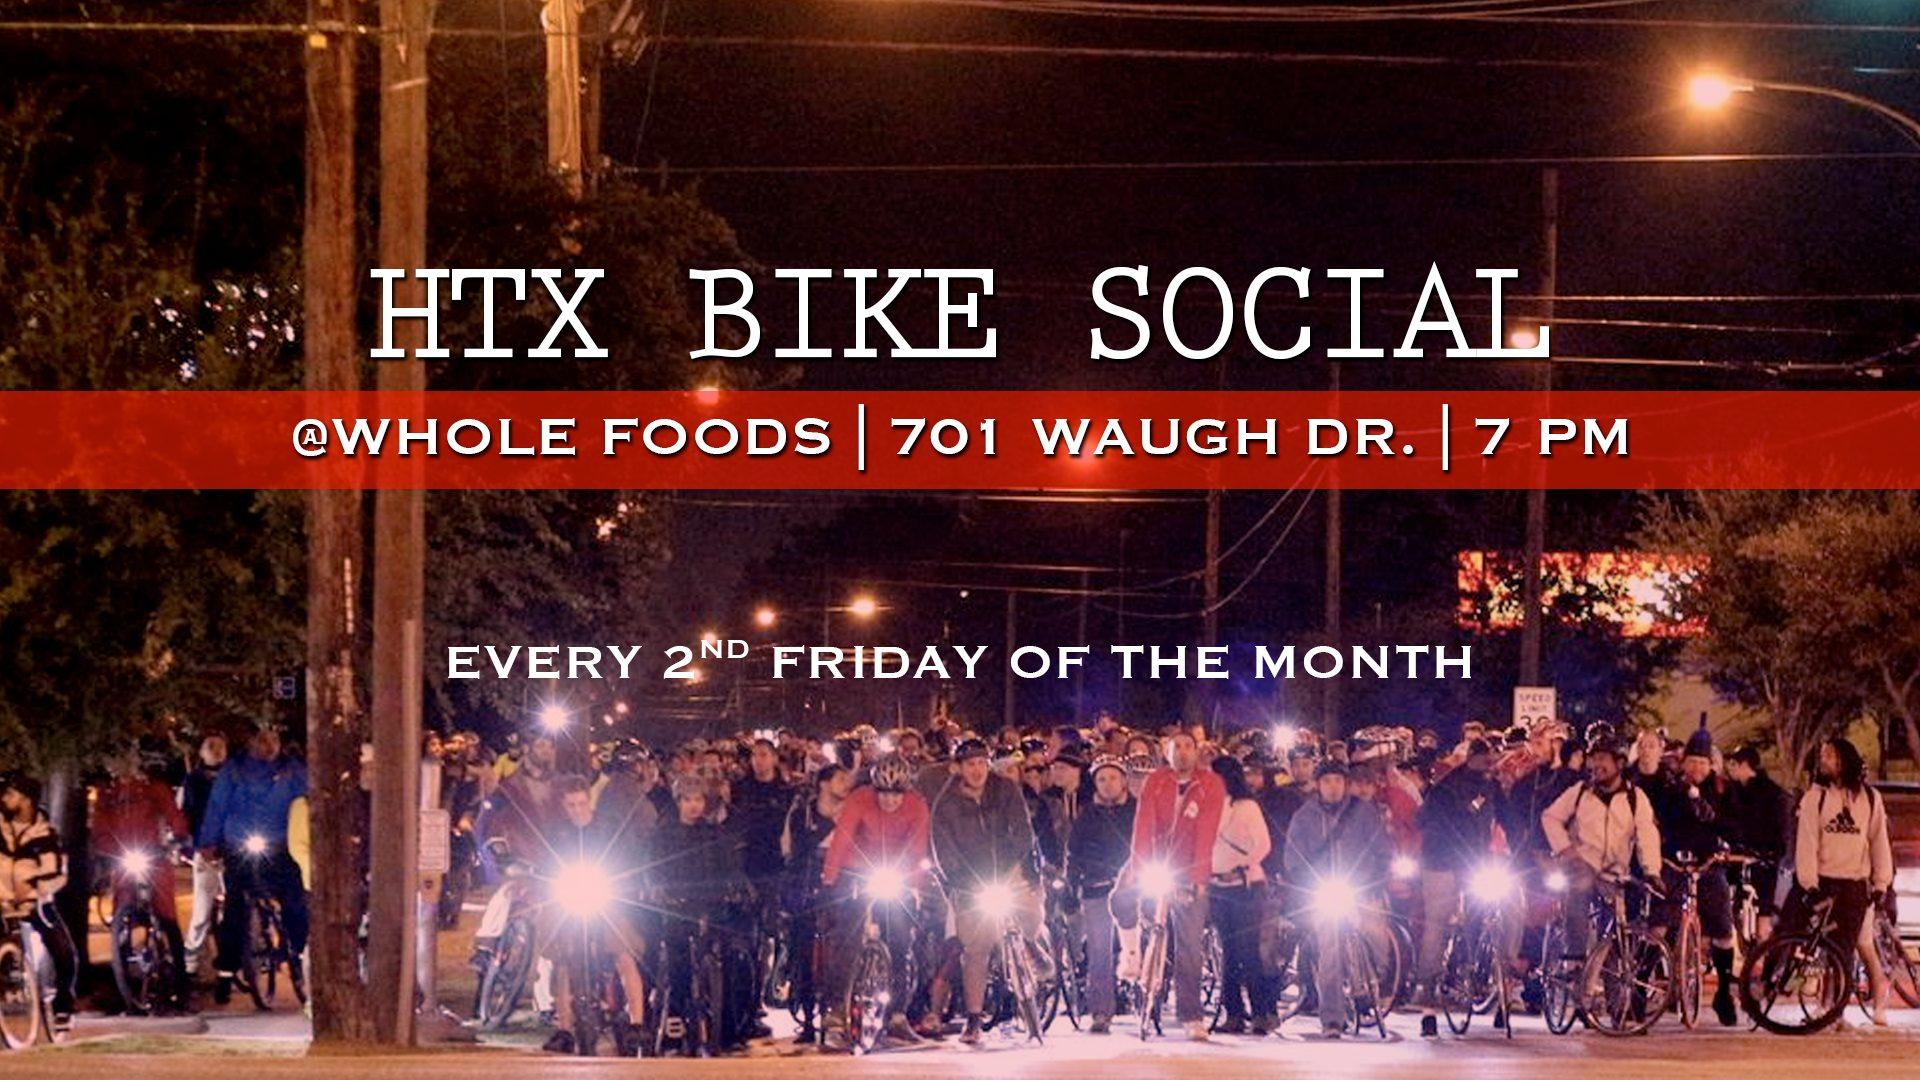 HTX Bike Social